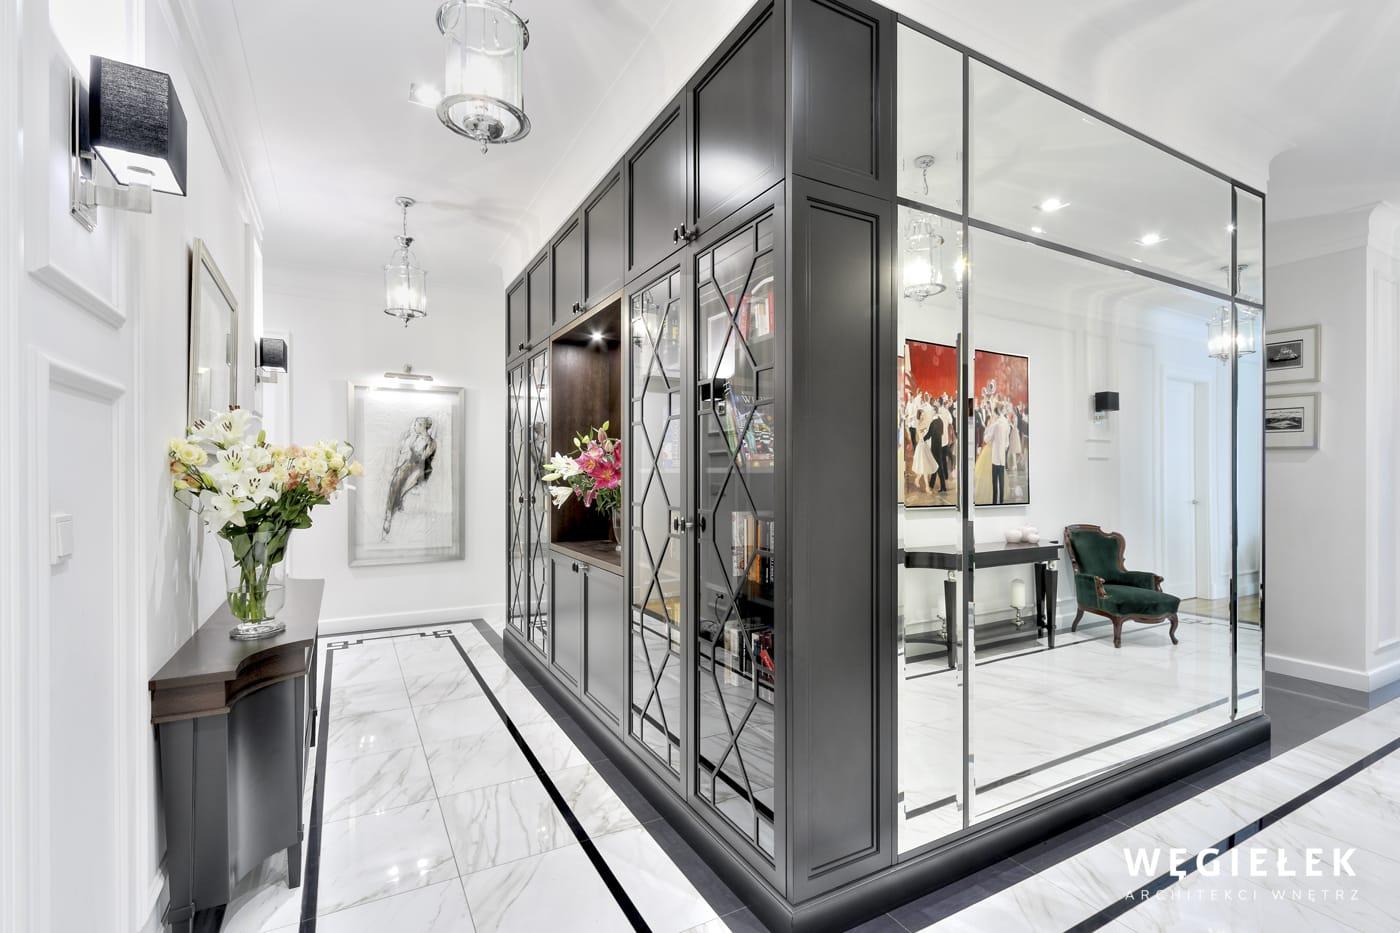 Przedpokój w tej wersji jest tak elegancki, że można się tylko domyślać, co wspaniałego czeka nas w salonie zaprojektowanym przez tego architekta wnętrz.